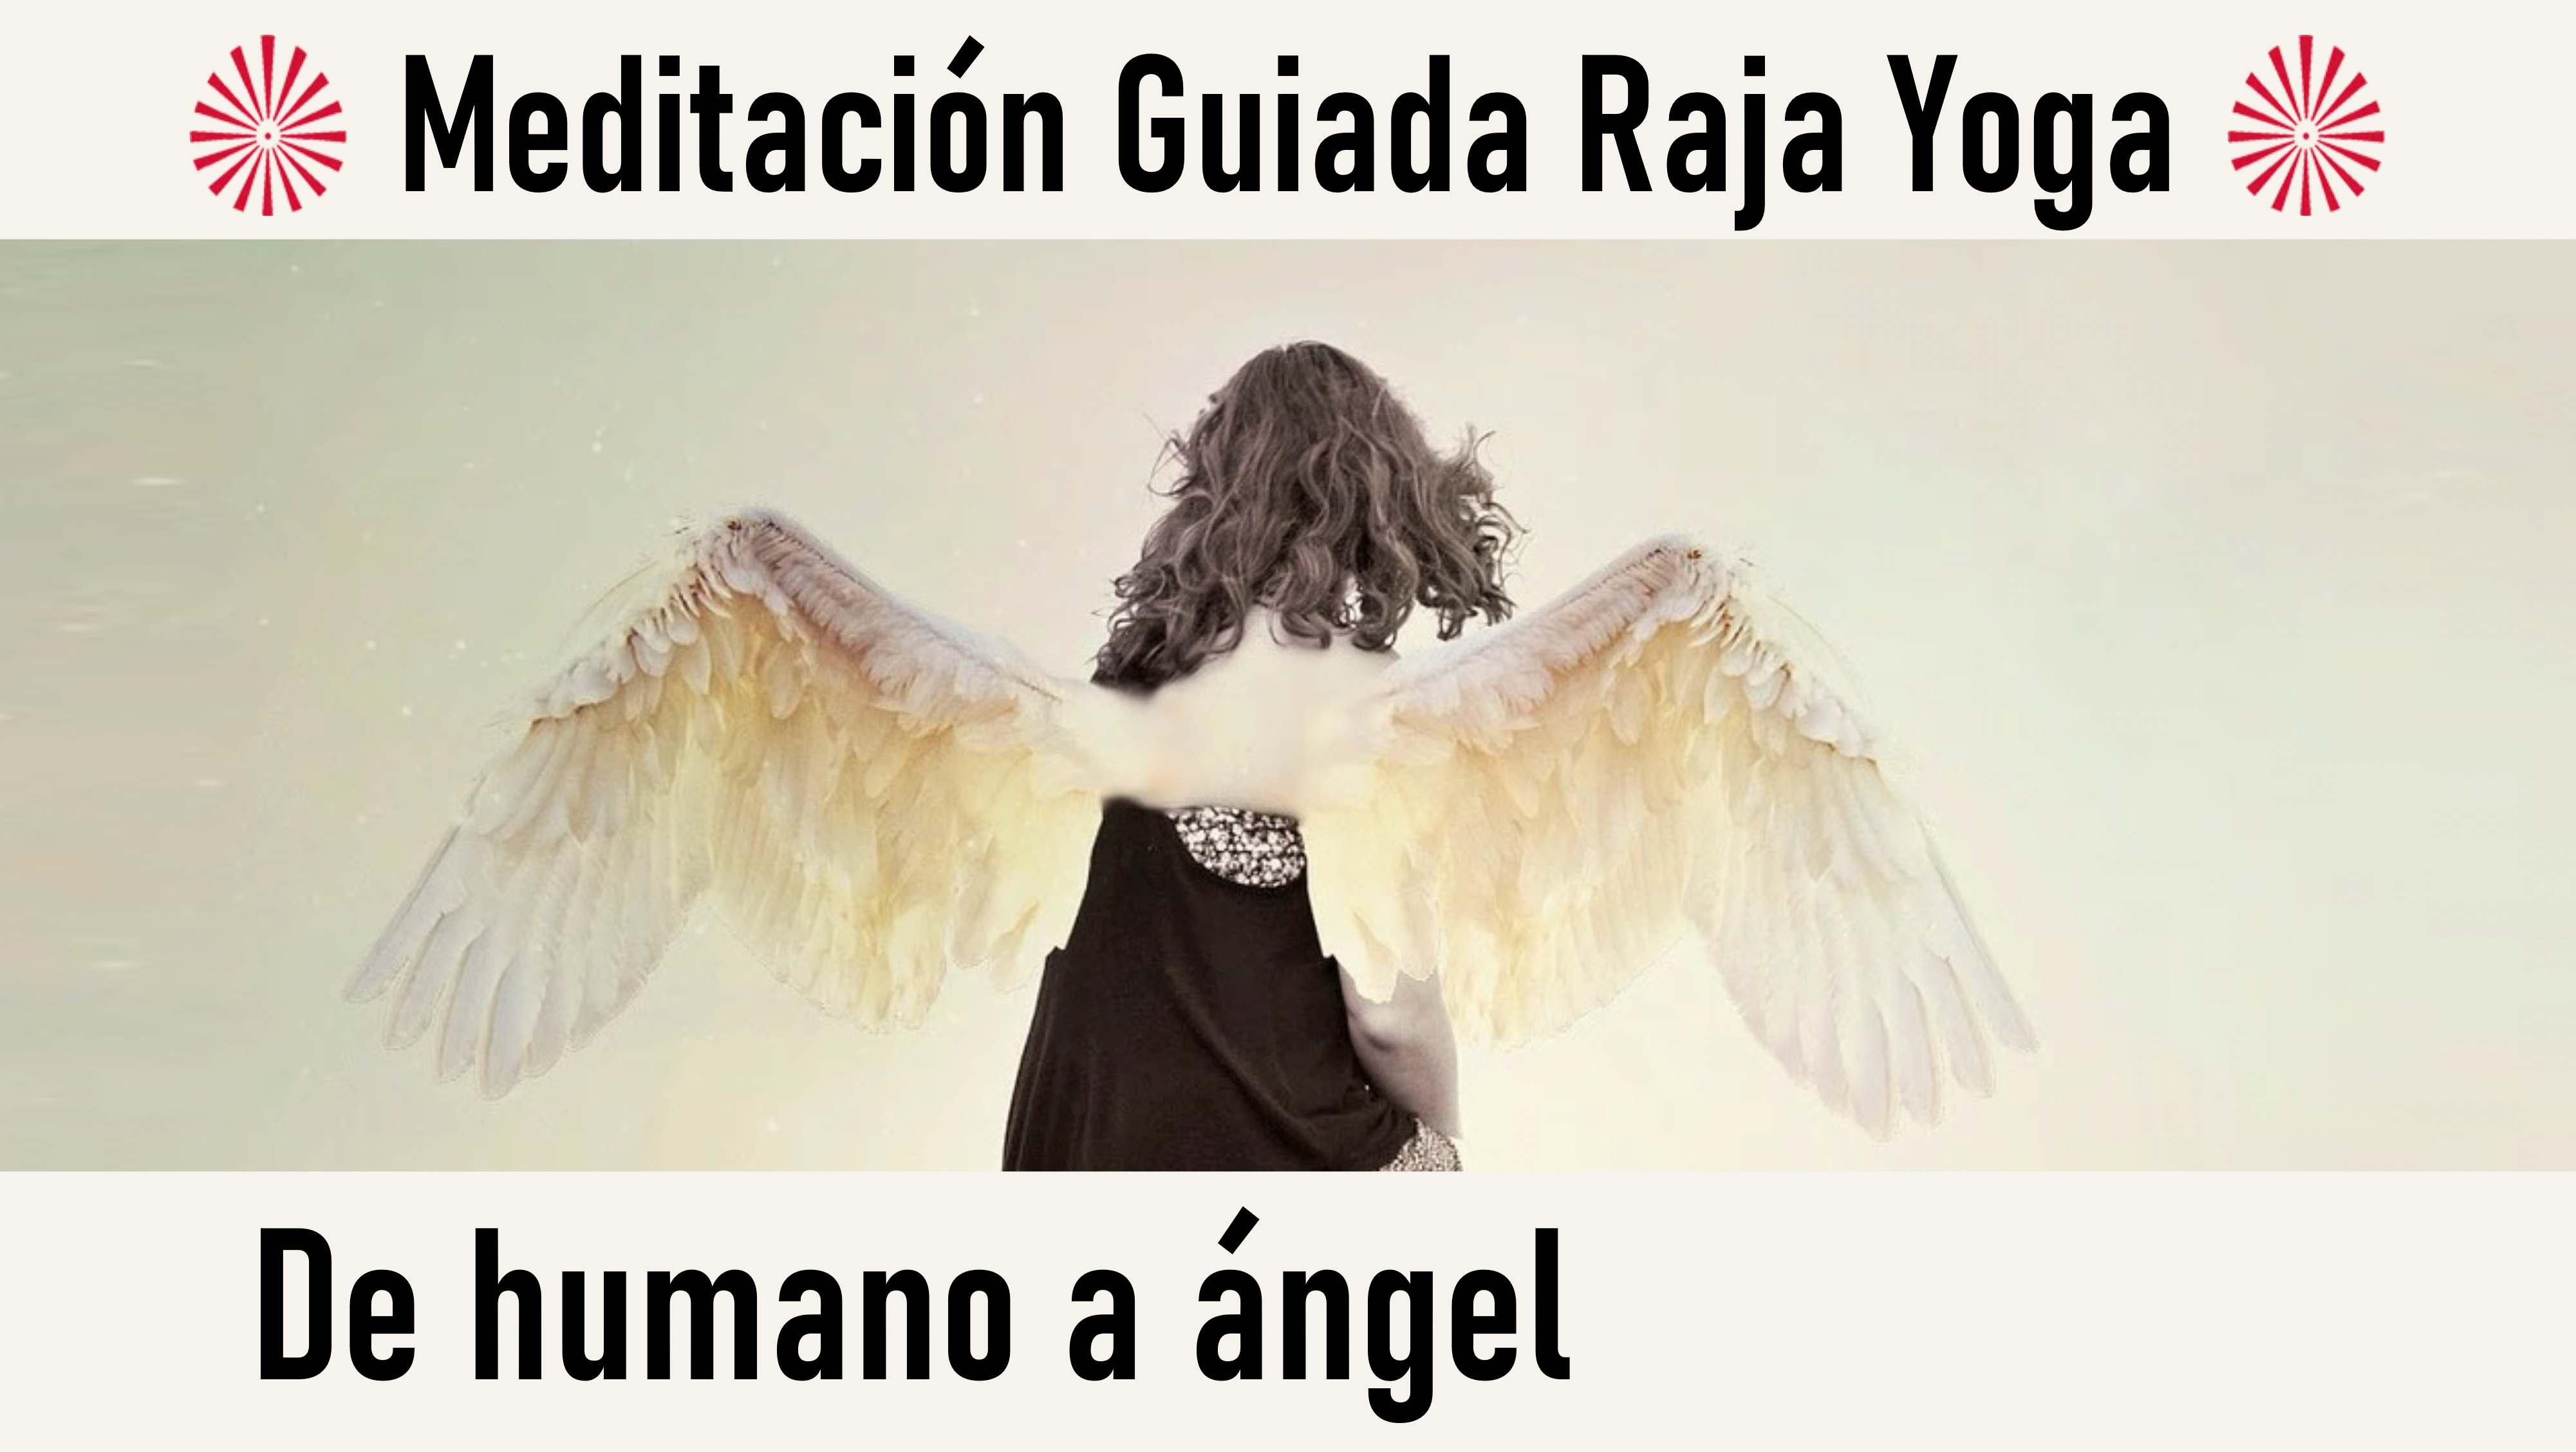 Meditación Raja Yoga: De humano a ángel (23 Agosto 2020) On-line desde Valencia